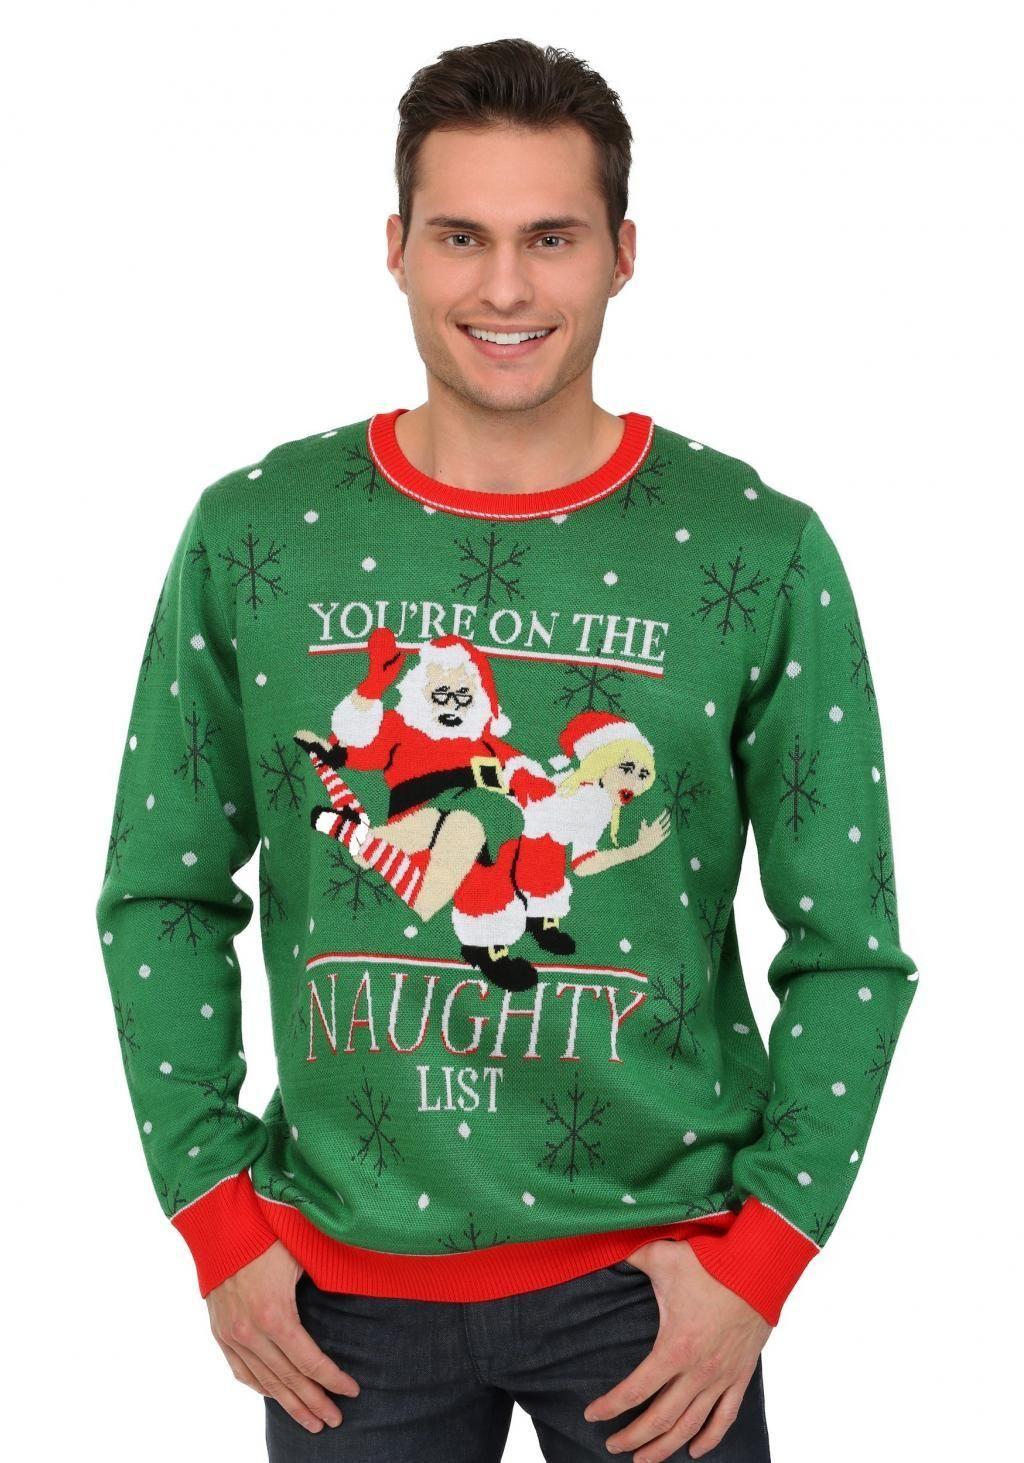 Vilain est le nouveau Nice Christmas Jumper Sweater Funny Women/'s Femmes Enfants Noël